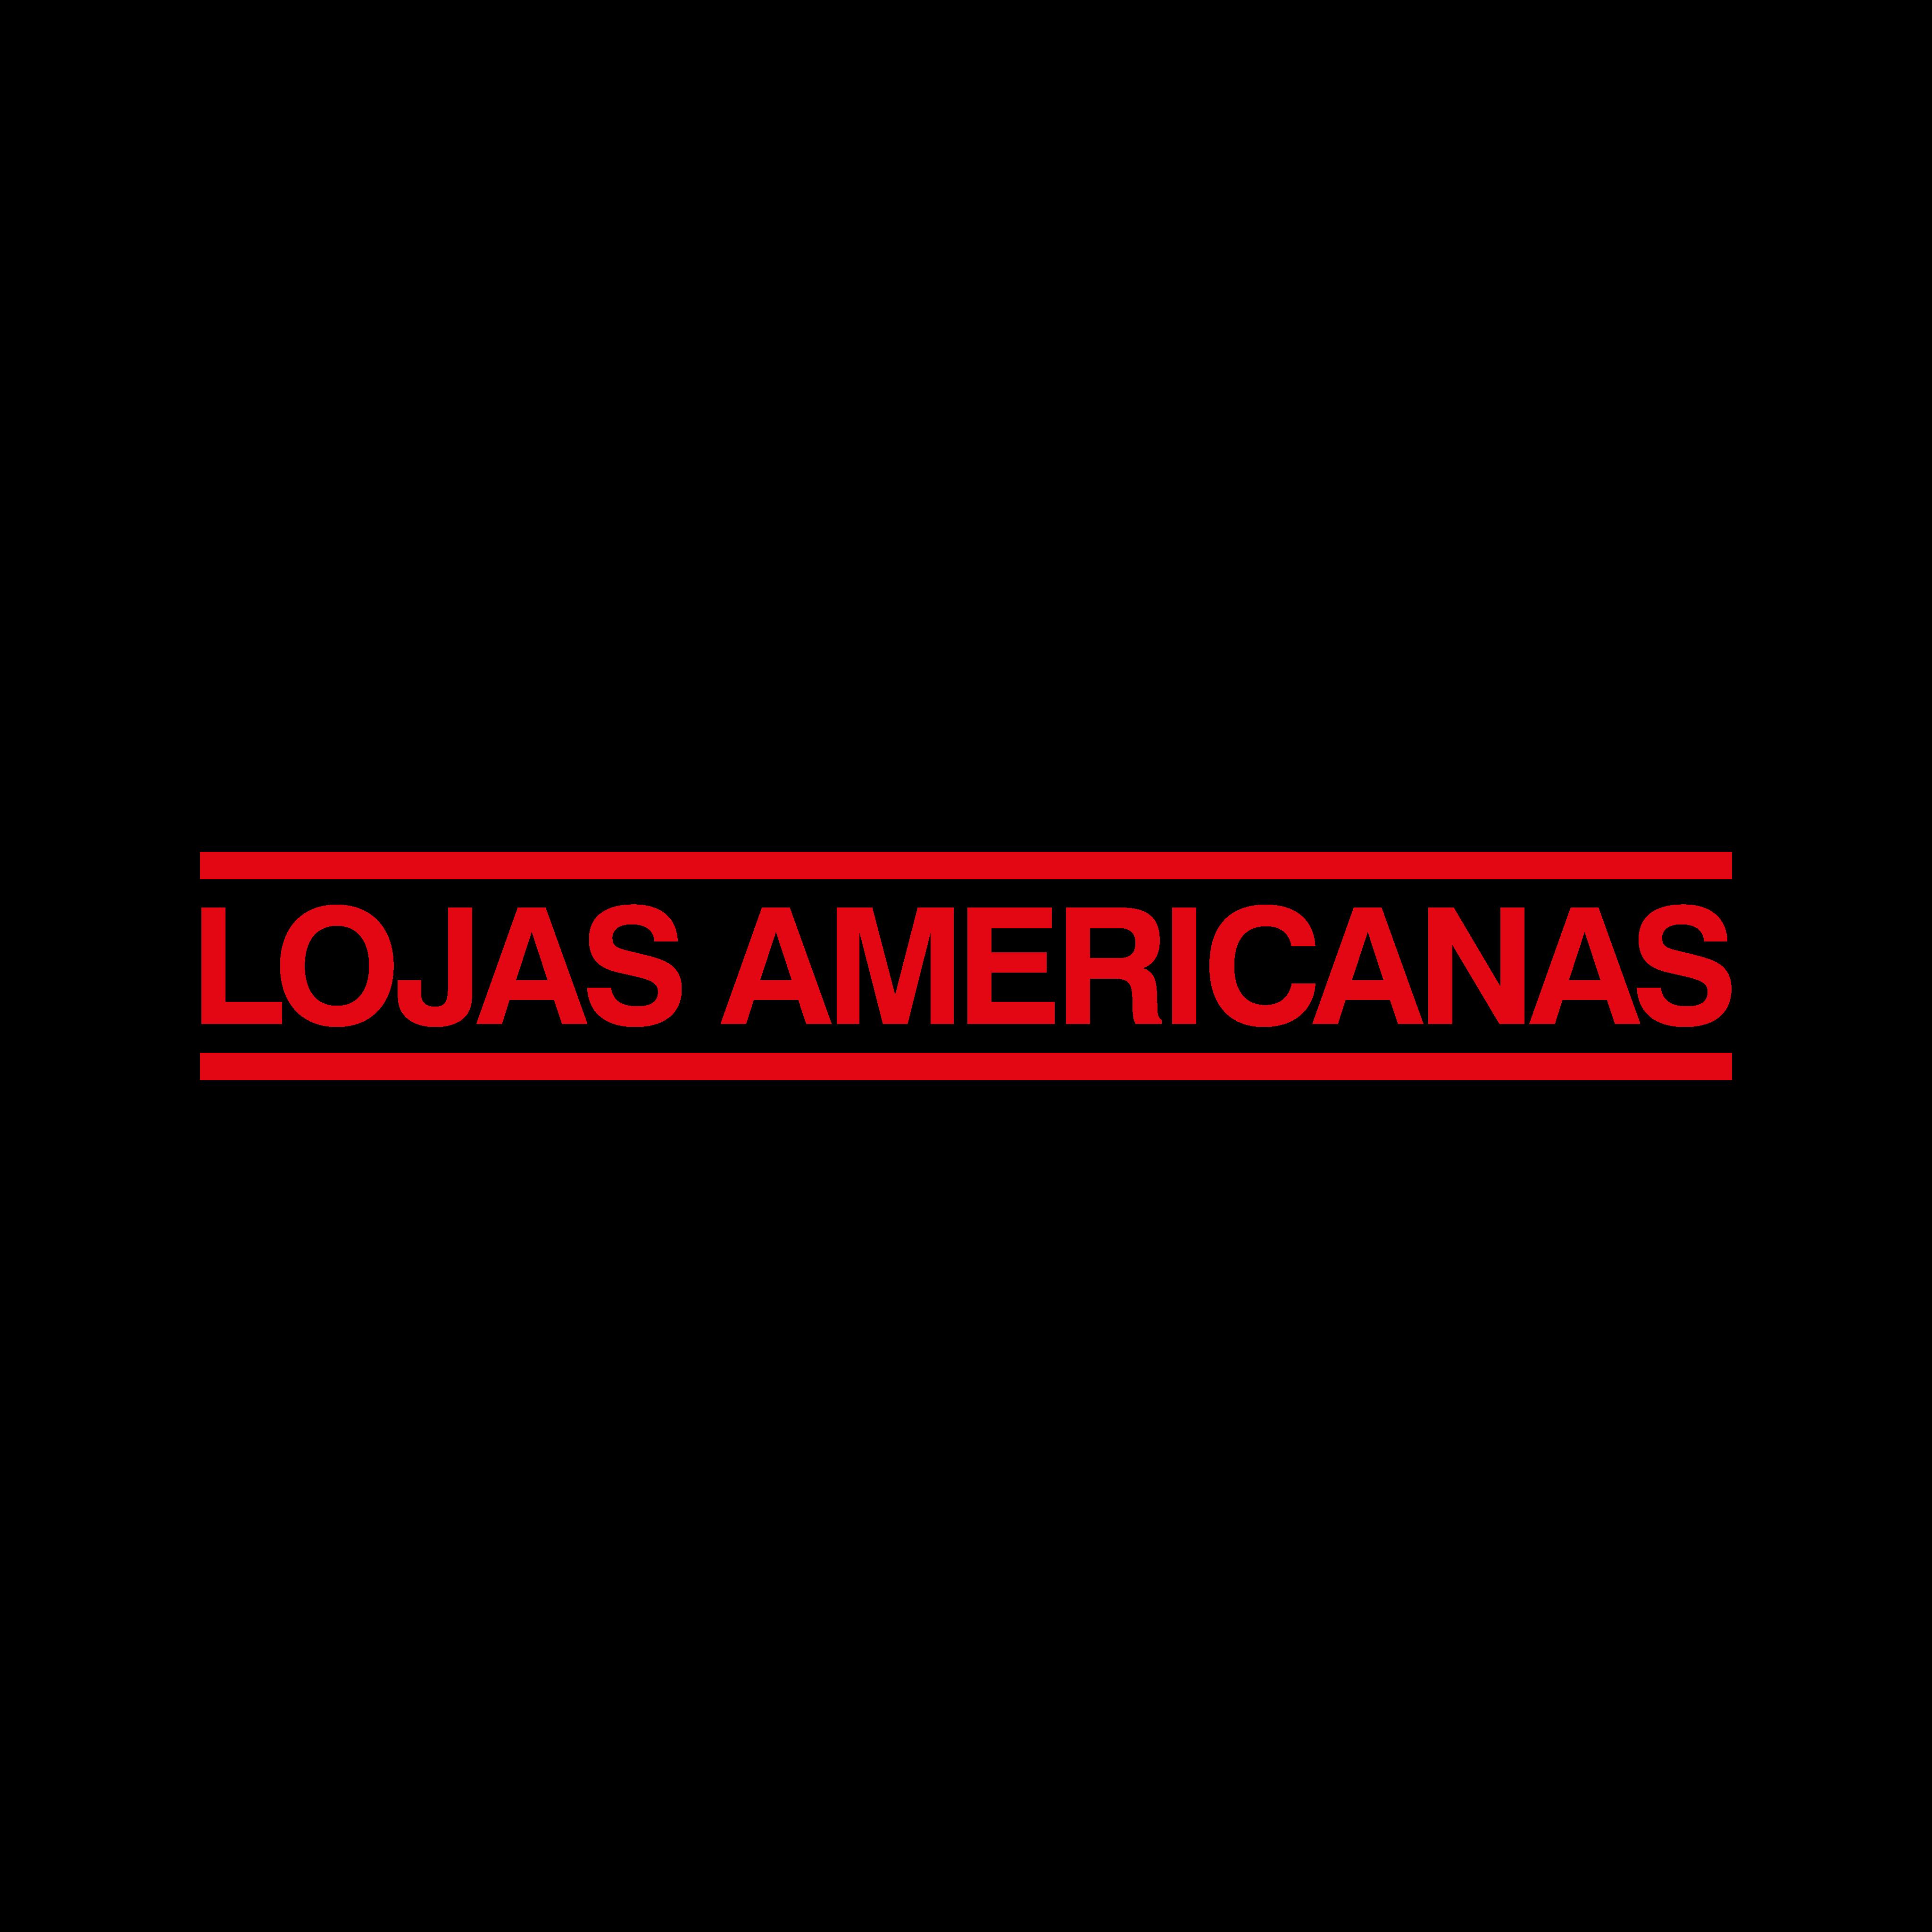 lojas americanas logo 0 - Lojas Americanas Logo